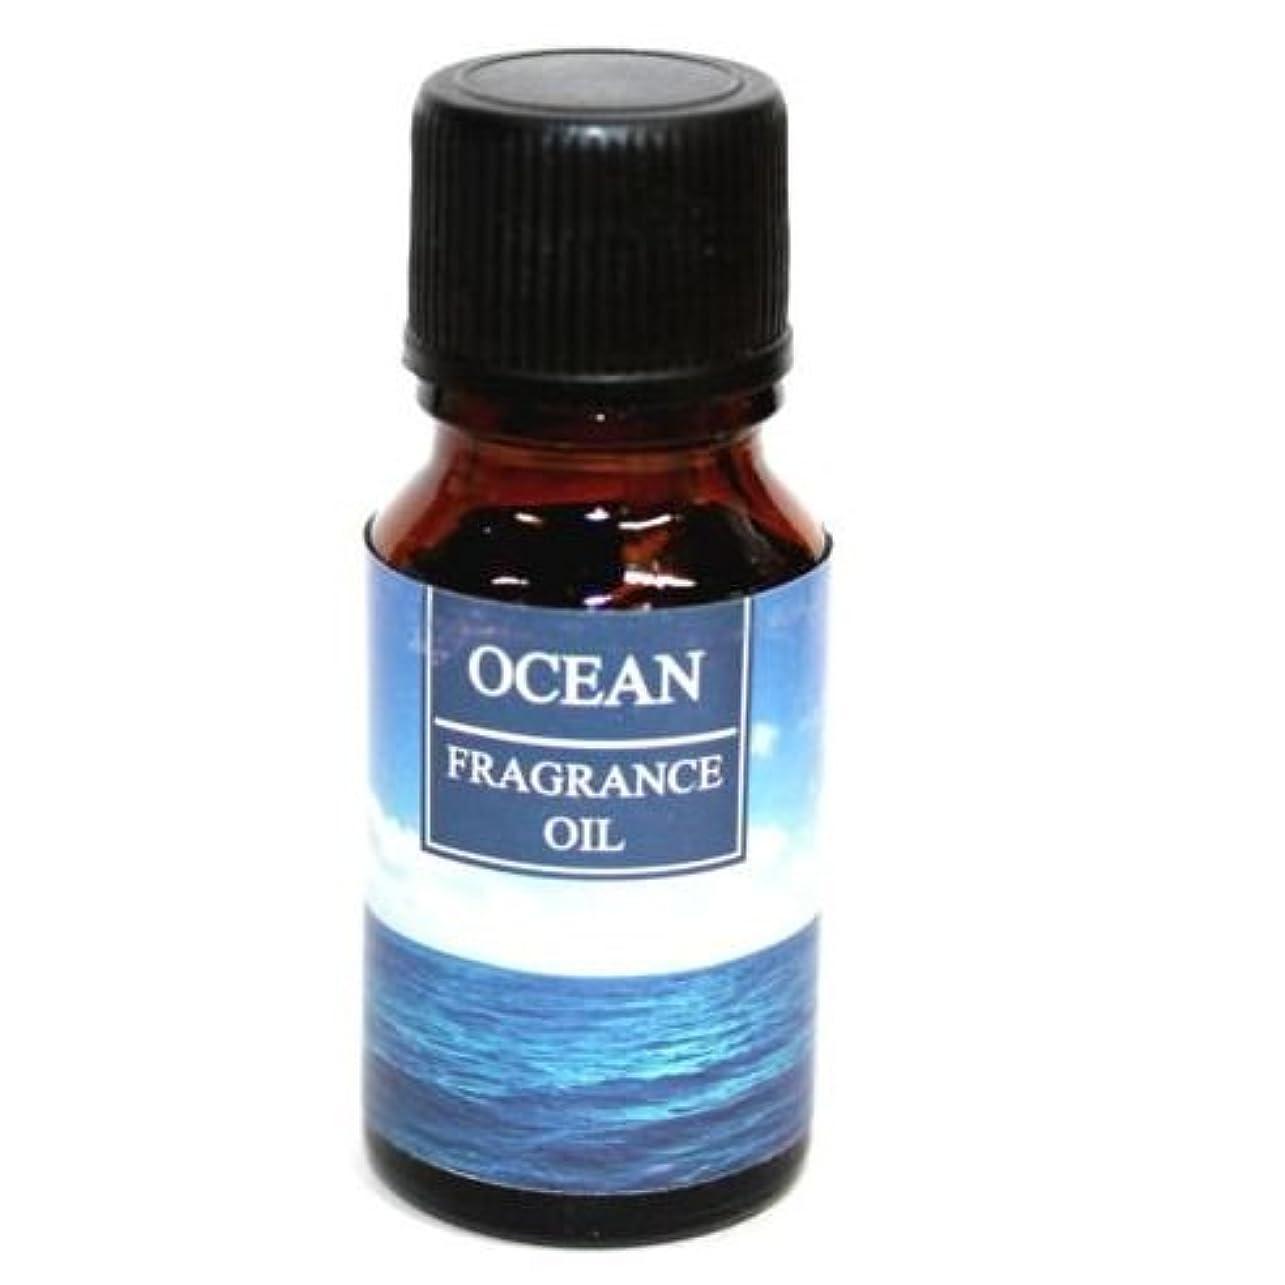 前に専門用語理想的RELAXING アロマオイル AROMA OIL フレグランスオイル OCEAN 海の香り RQ-10